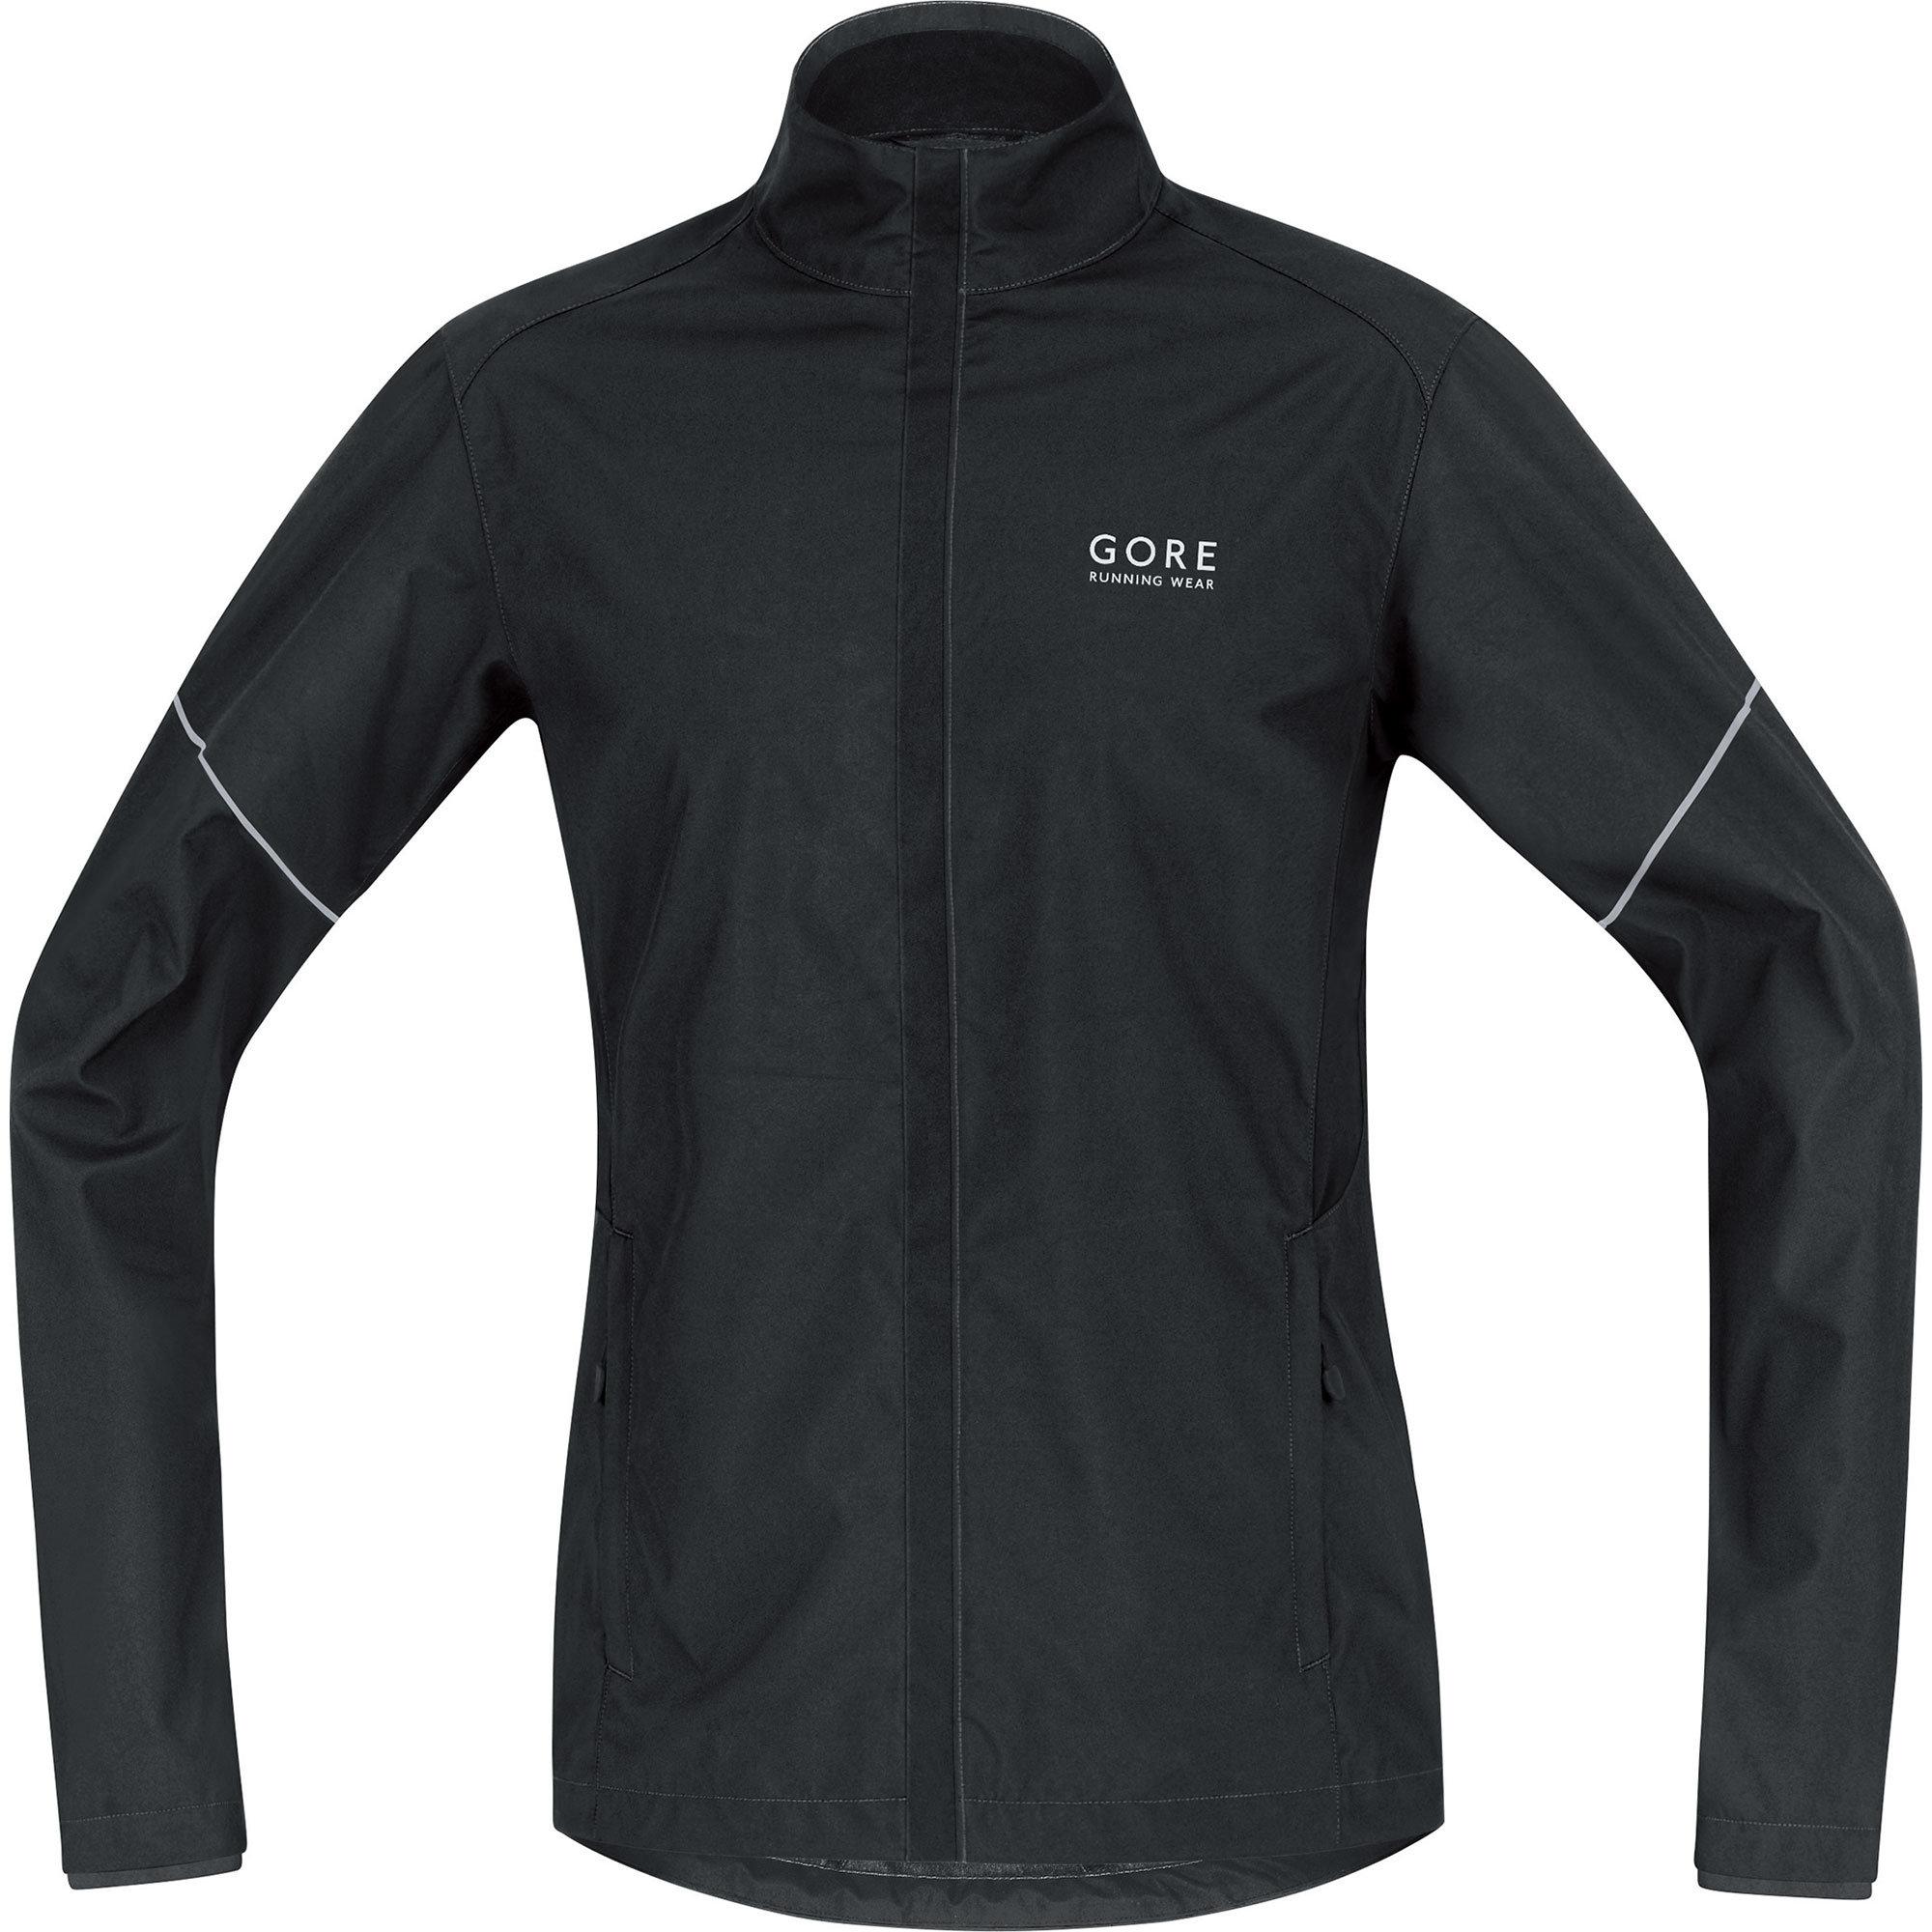 Gore Essential AS Partial Jacket in Schwarz